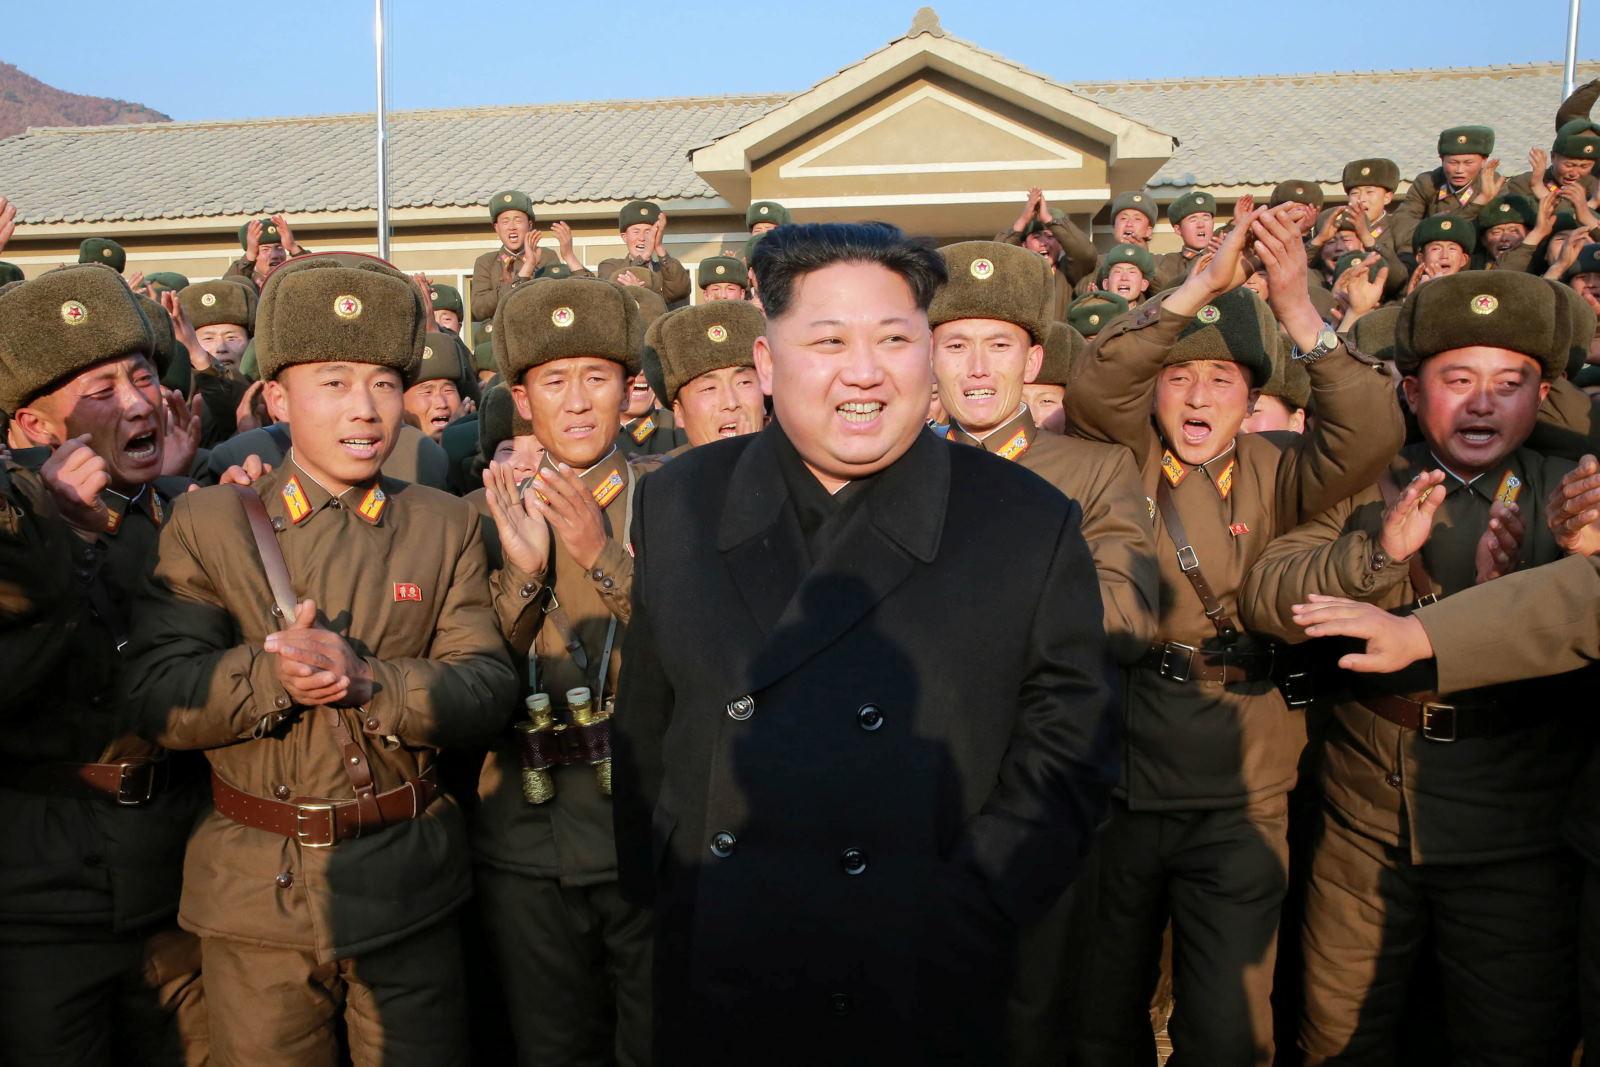 PBB Beri Sanksi Baru Korea Utara Terkait Uji Coba Nuklir